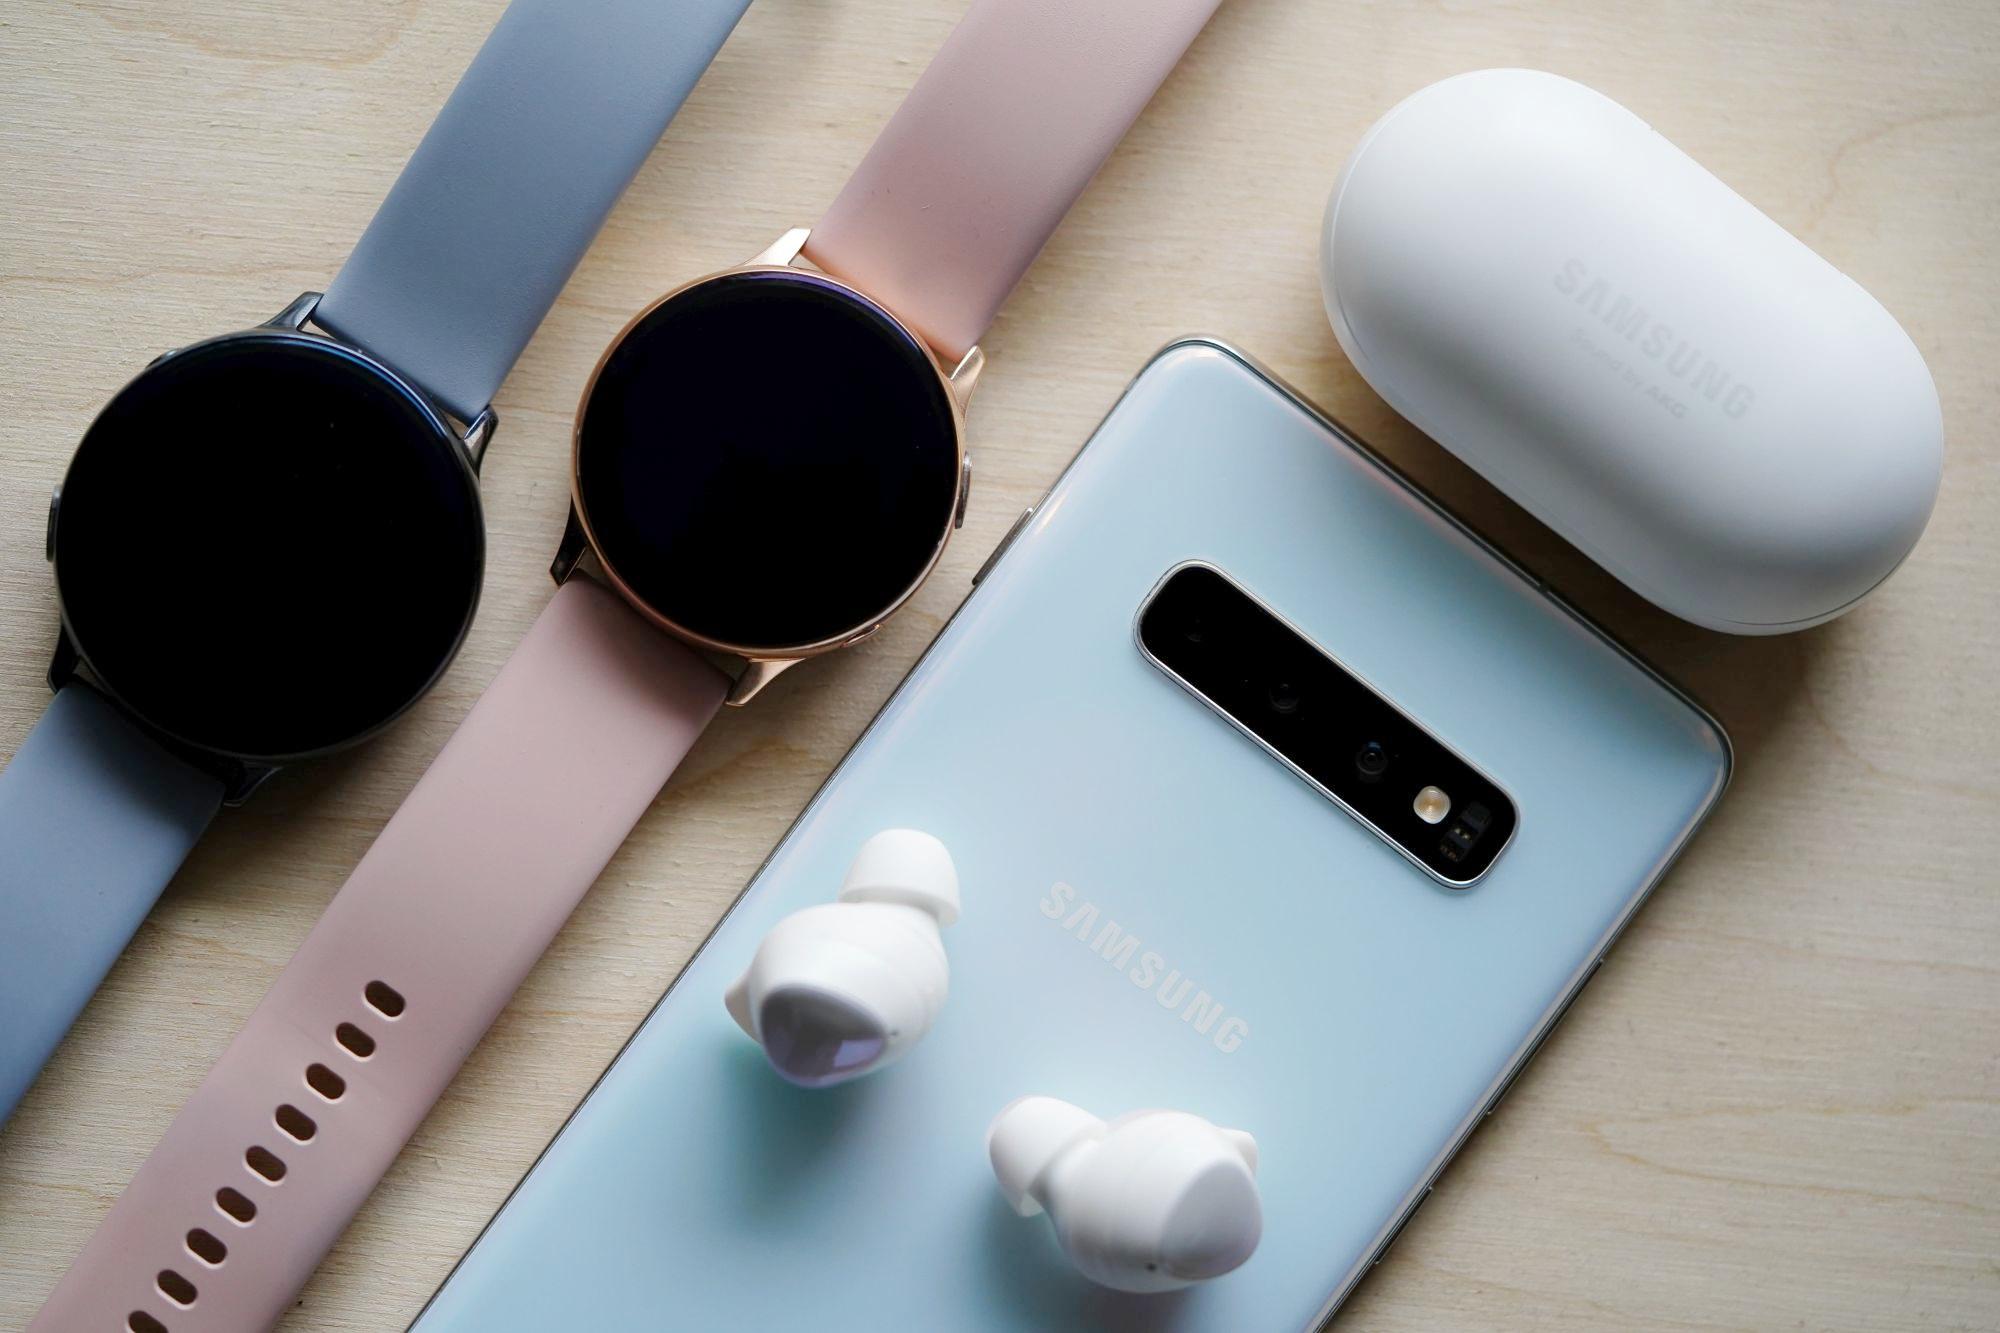 Jaki smartfon do 3500 złotych warto kupić? 19 smartfon